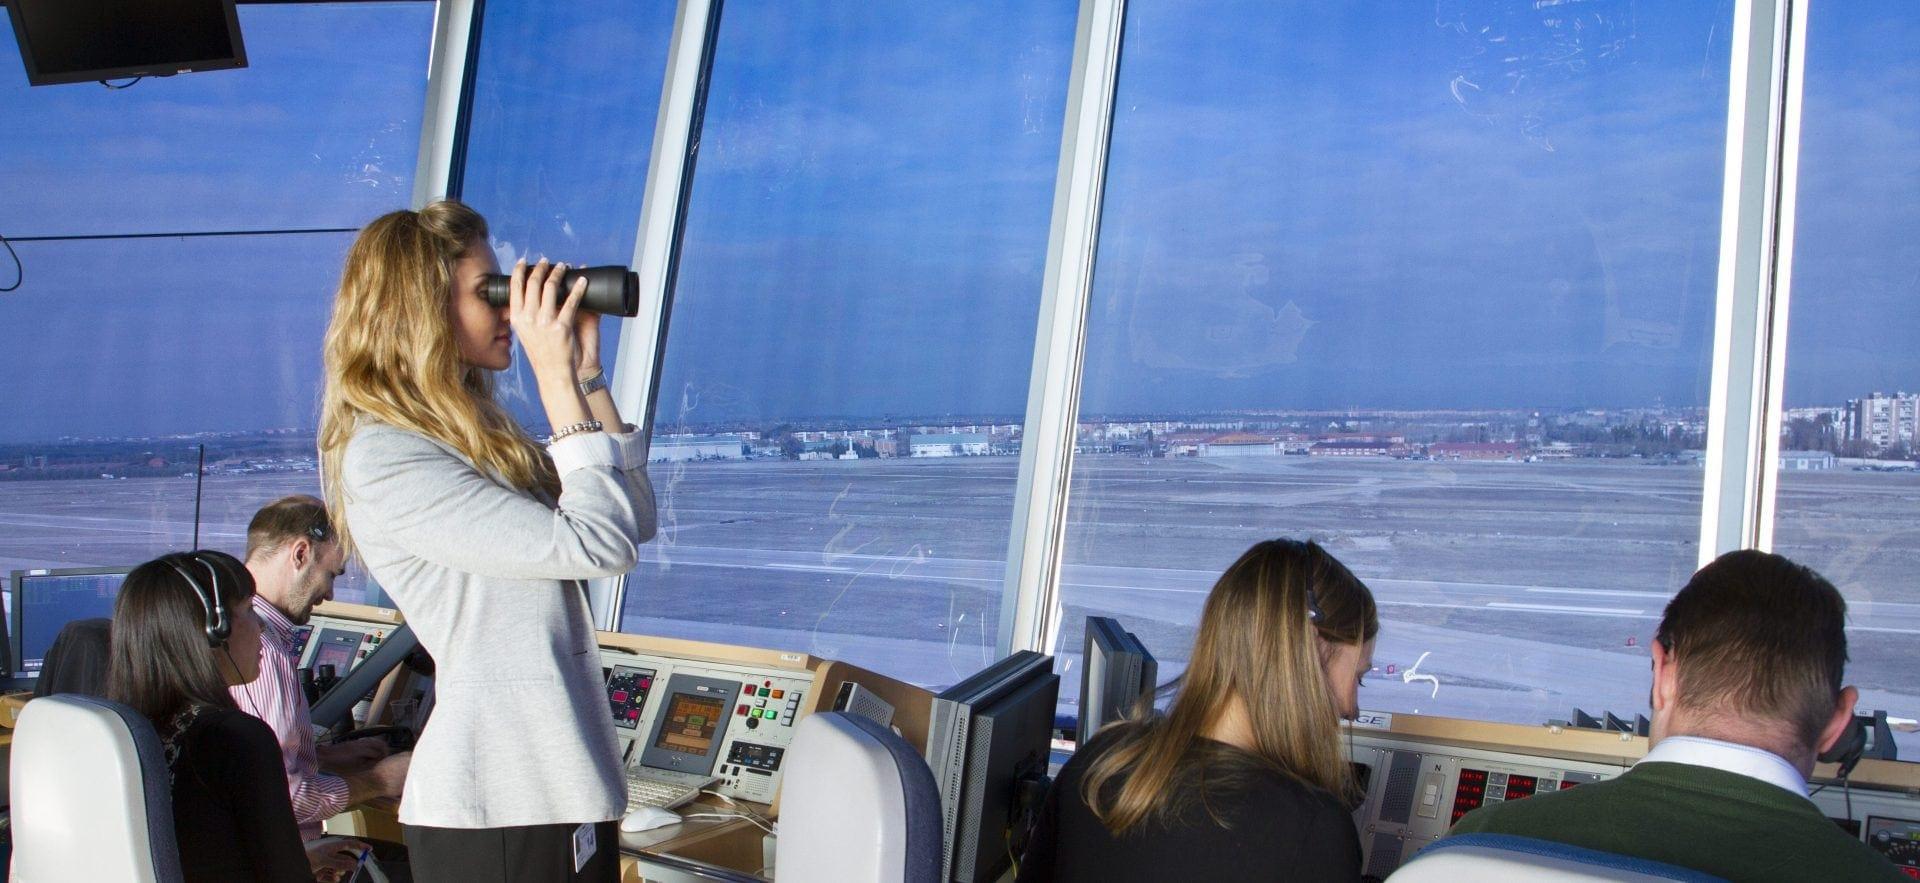 Air traffic control academy skyway air traffic control tower